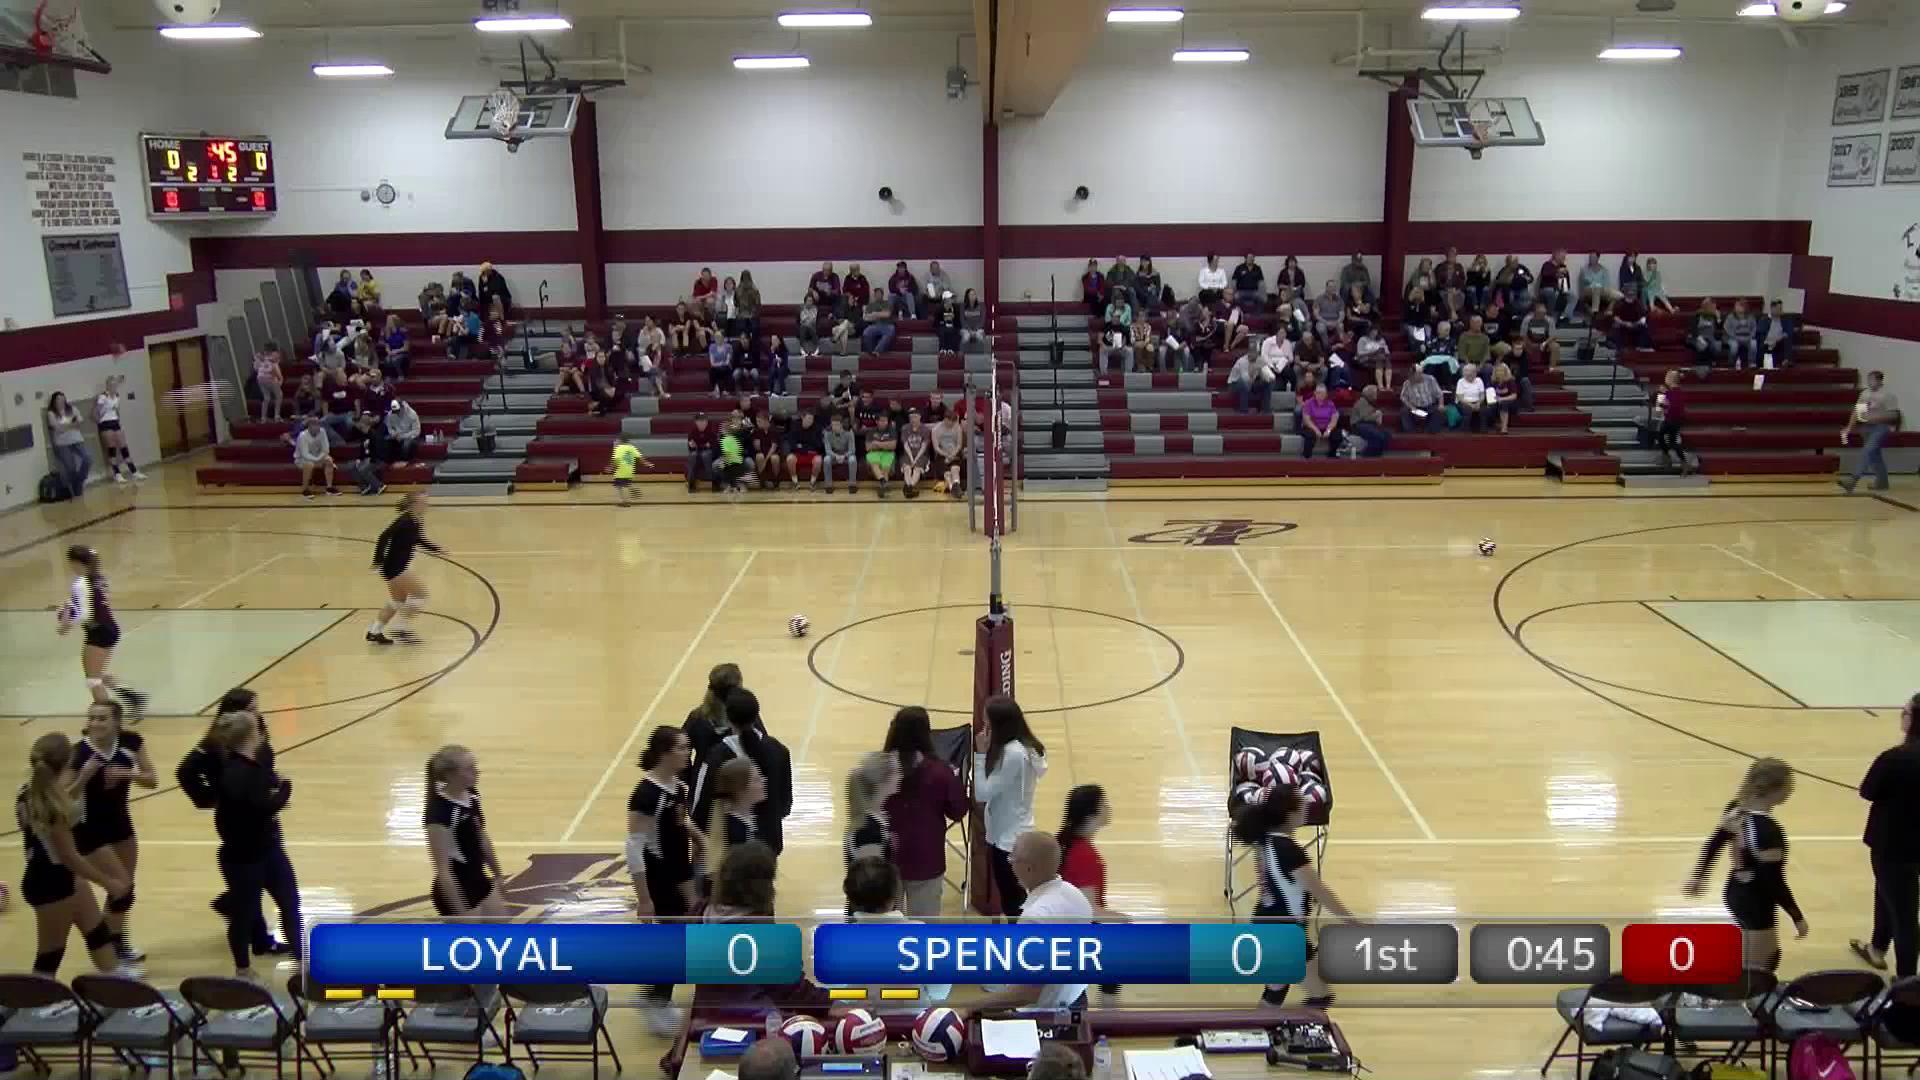 VB Spencer at Loyal